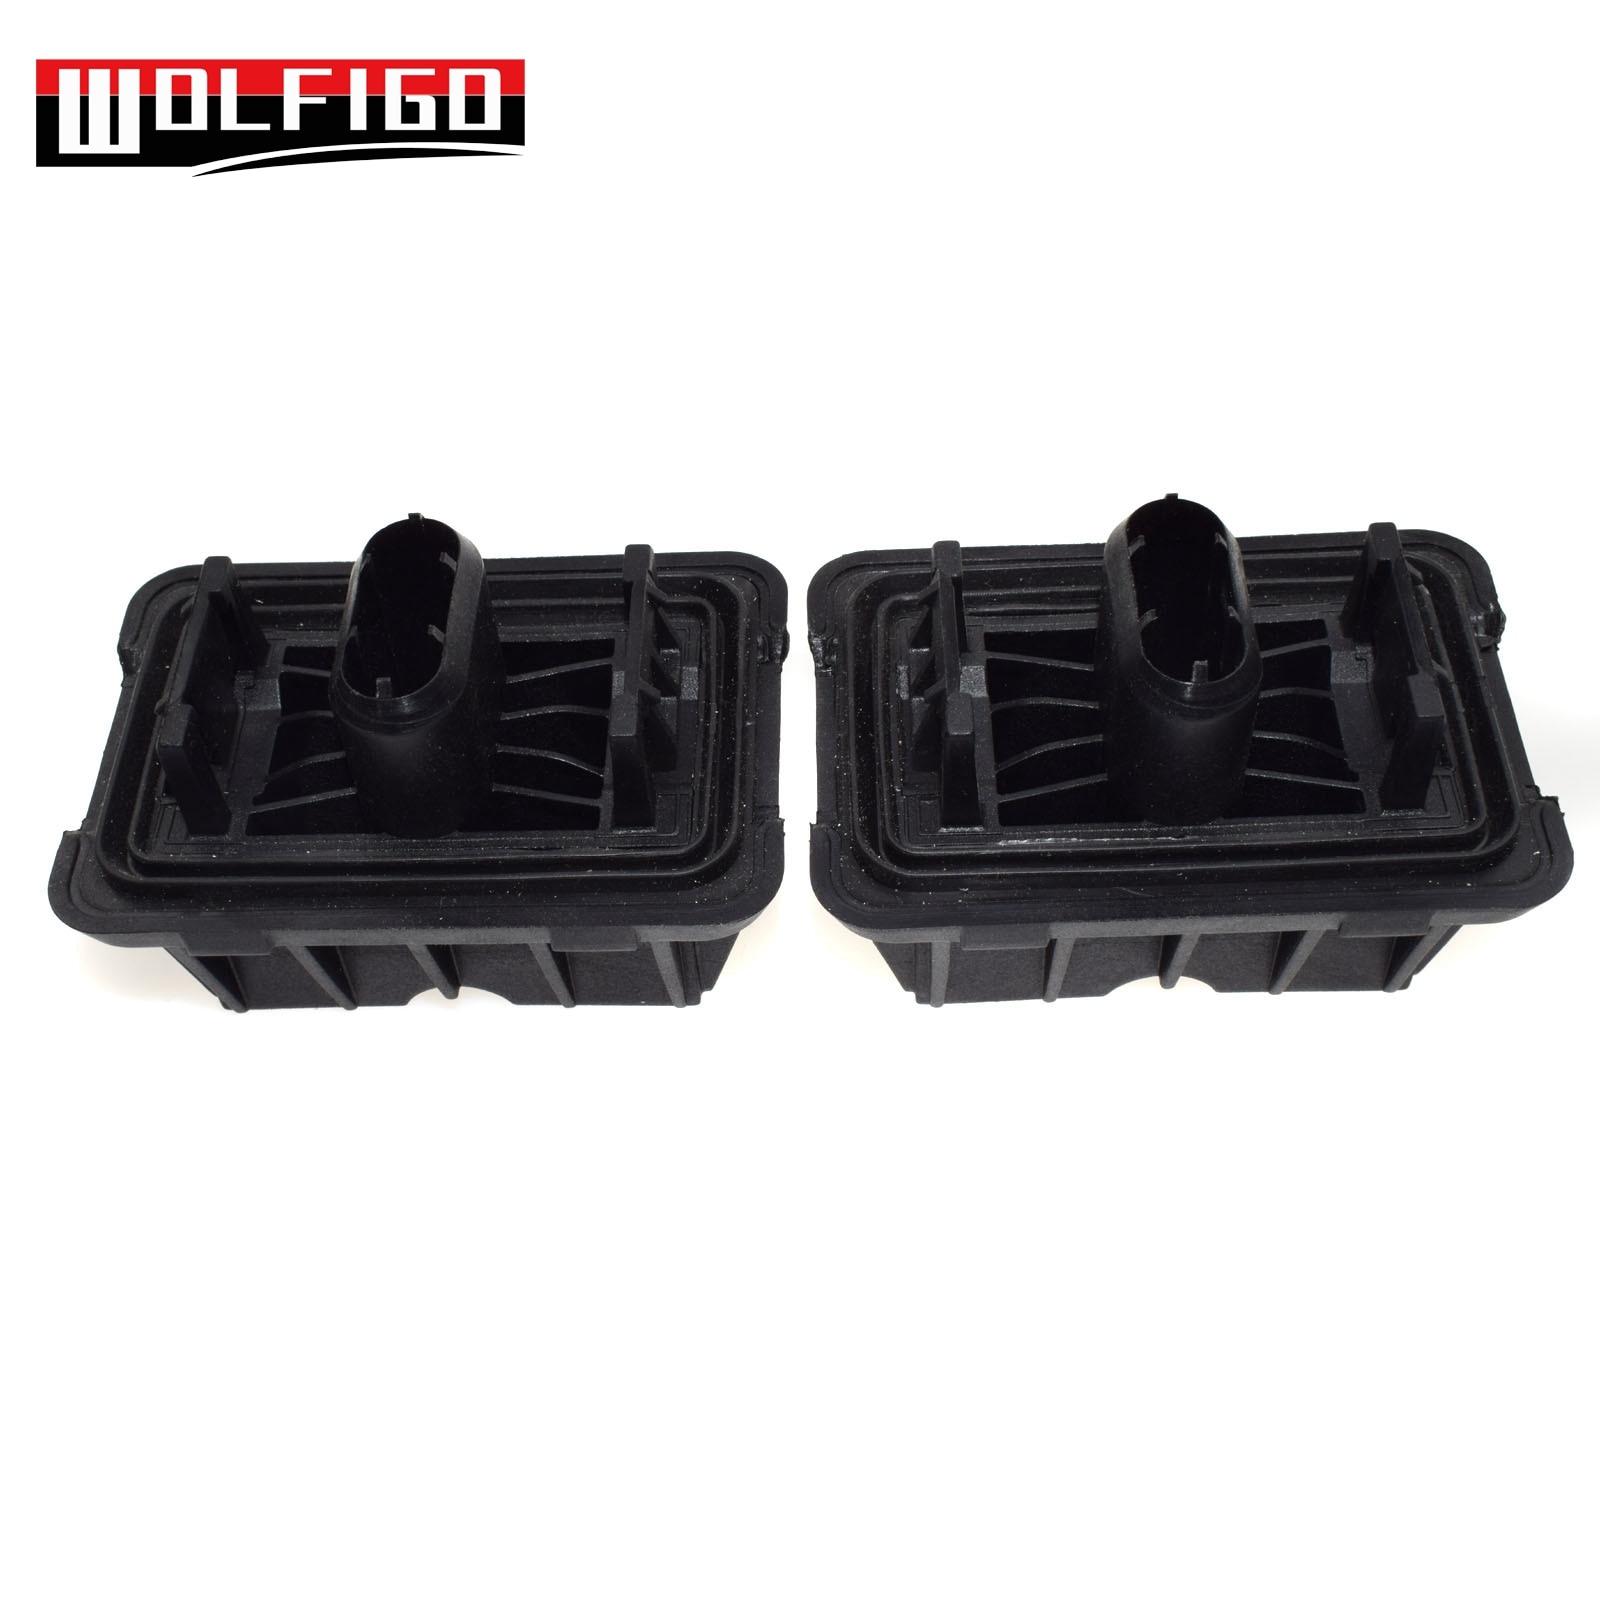 WOLFIGO Set 2 uds E82 para BMW E90 almohadillas de gato bajo el coche soporte para levantar el coche 51717237195 nuevo